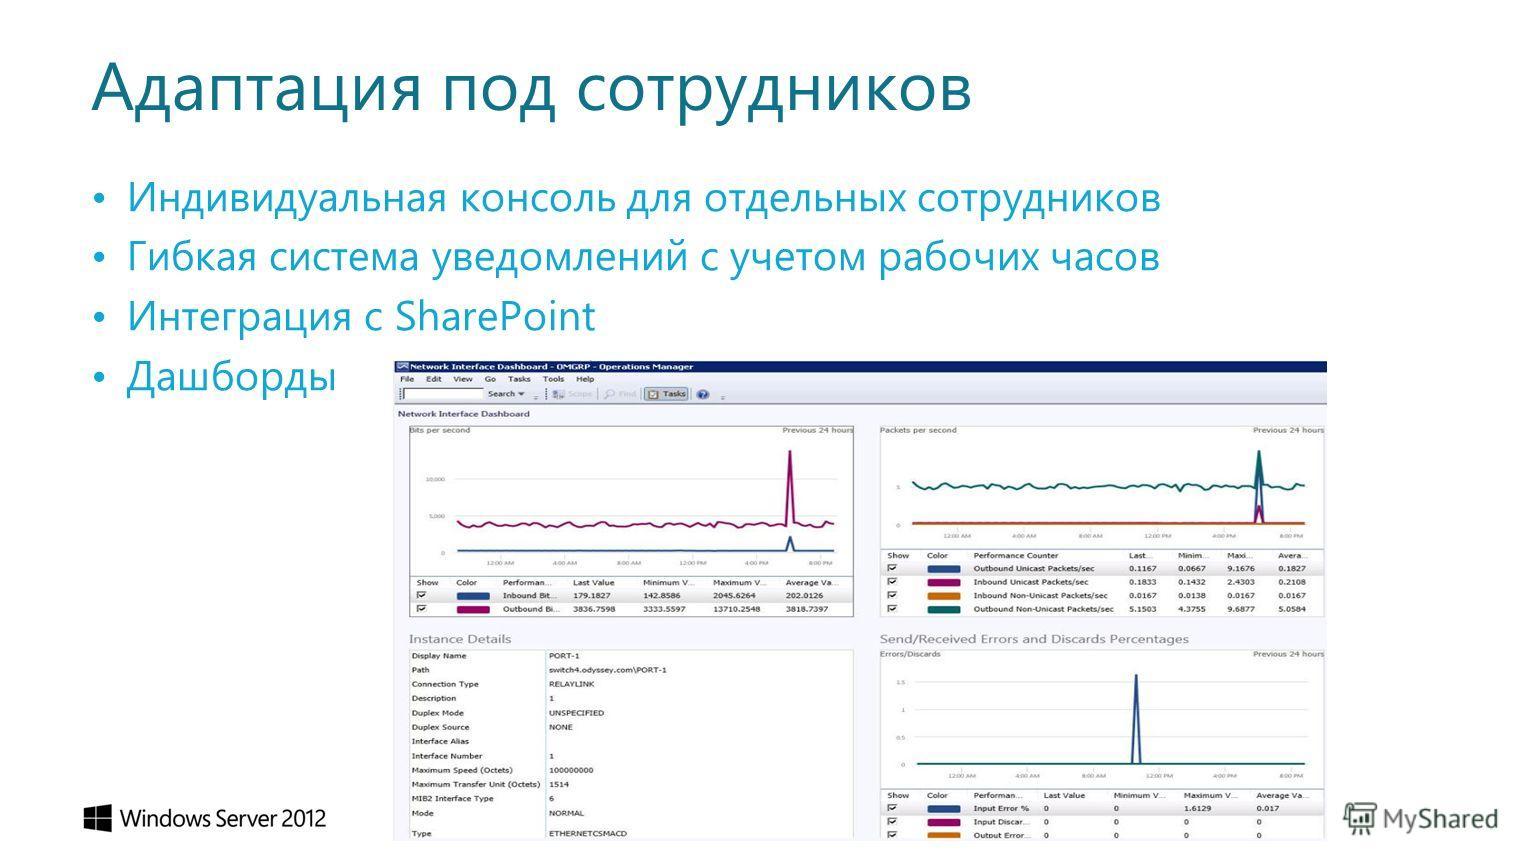 Адаптация под сотрудников Индивидуальная консоль для отдельных сотрудников Гибкая система уведомлений с учетом рабочих часов Интеграция с SharePoint Дашборды 30